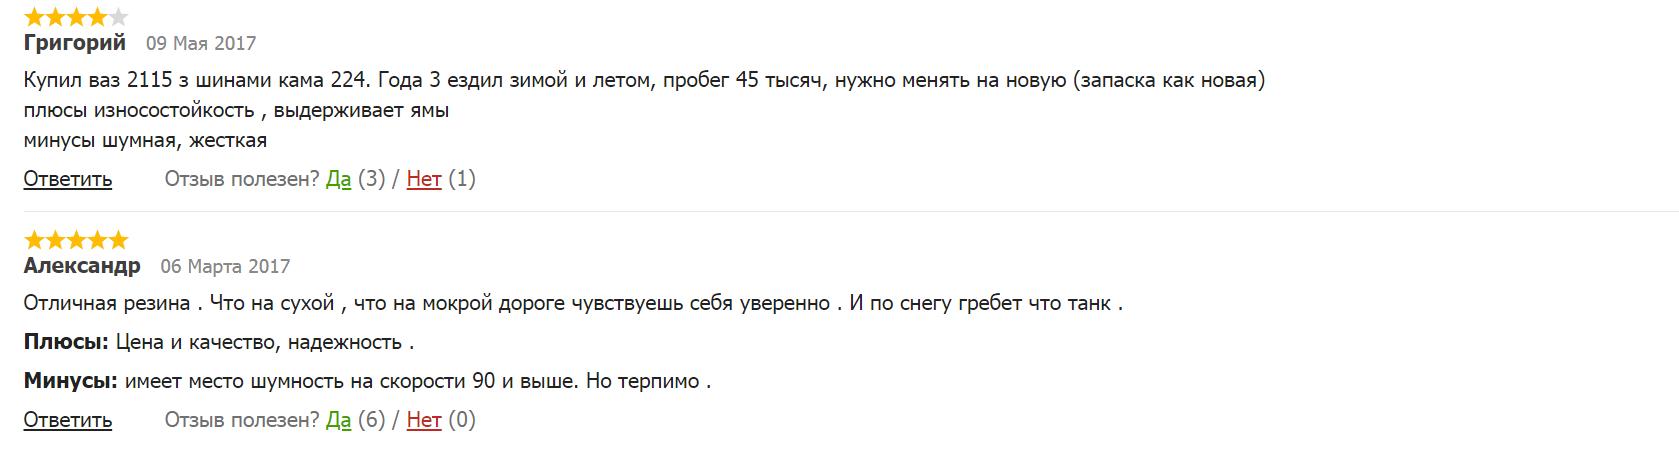 Отзывы на резину «Кама»